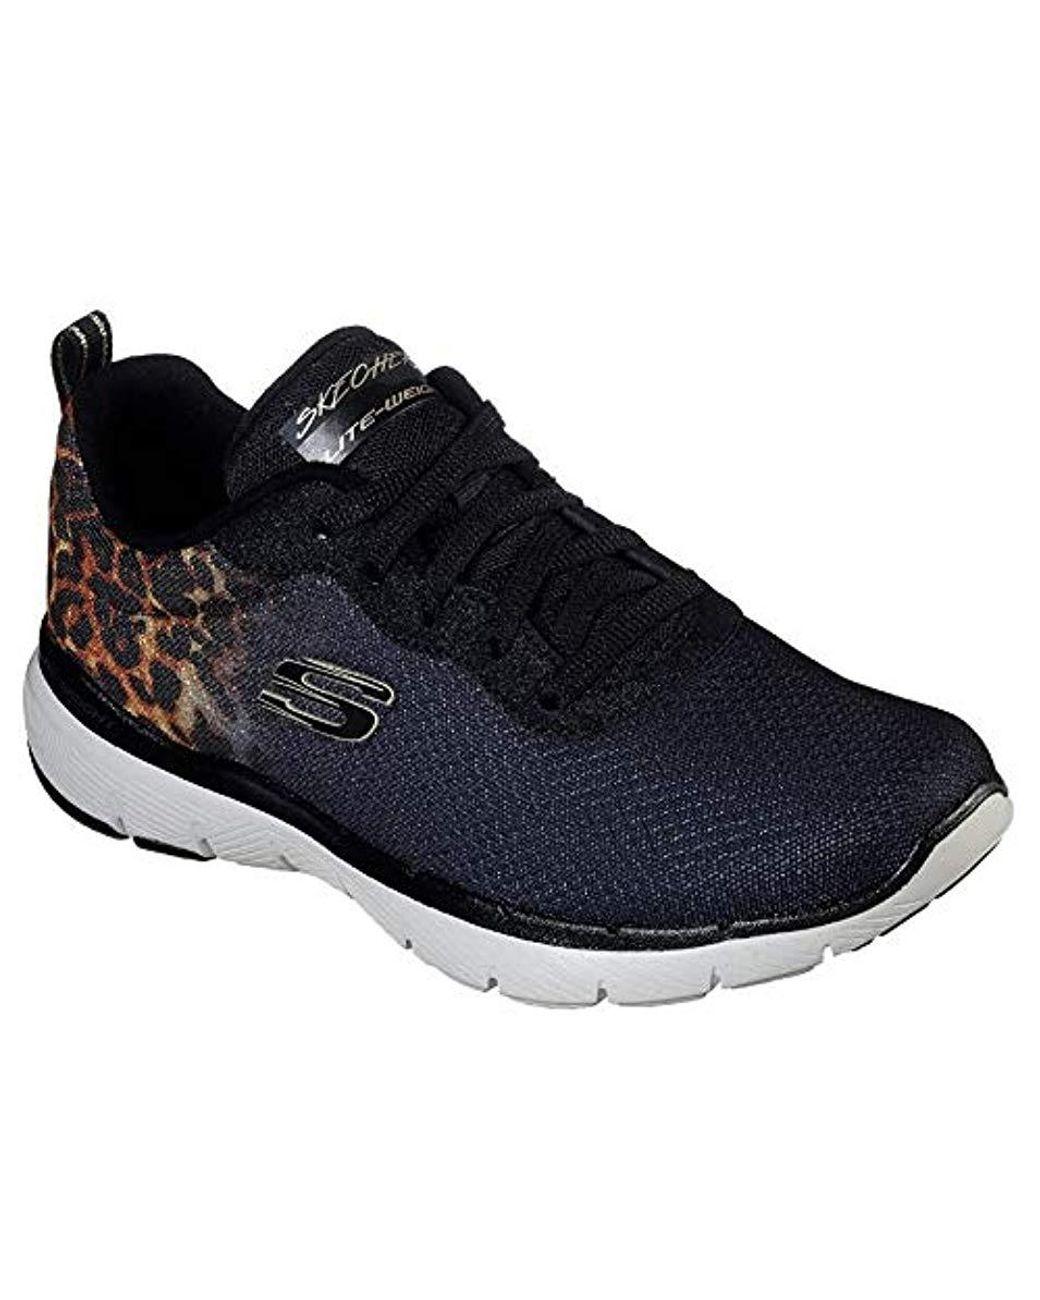 Skechers Skechers Flex Appeal 3.0 Leopard Path zwart bruin sneakers dames